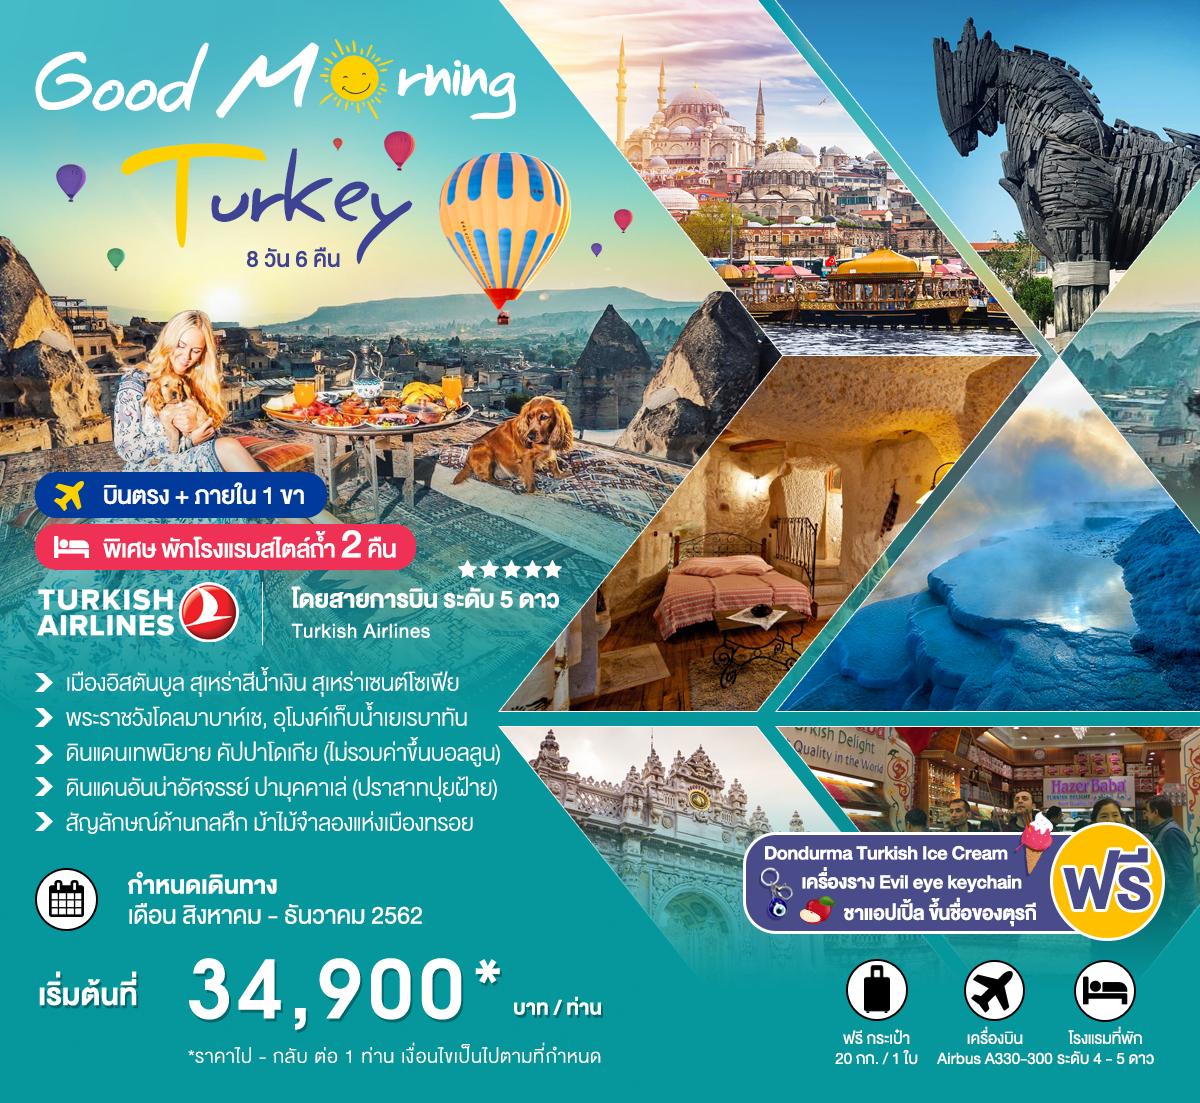 ทัวร์ตุรกี-Good-Morning-Turkey-8-วัน-6-คืน-(AUG-DEC19)(SMTR-TK1173)